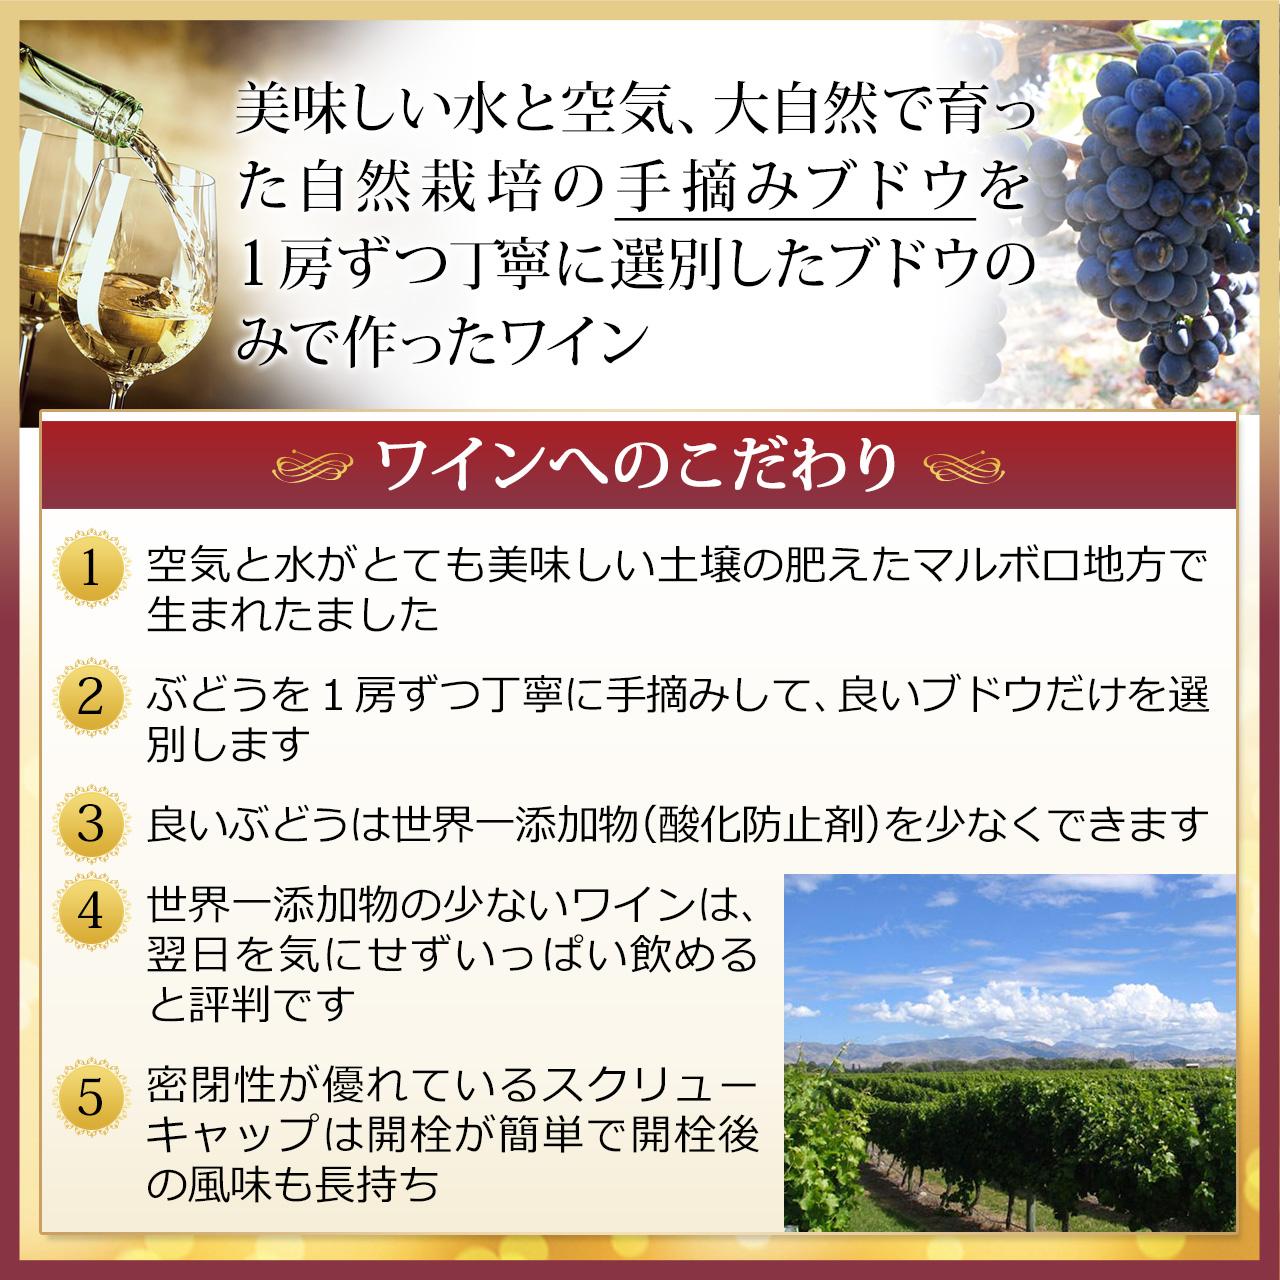 【ワインへのこだわり】美味しい水と空気、大自然で育った自然栽培の手摘みブドウを1房ずつ丁寧に選別したブドウのみで作ったワイン